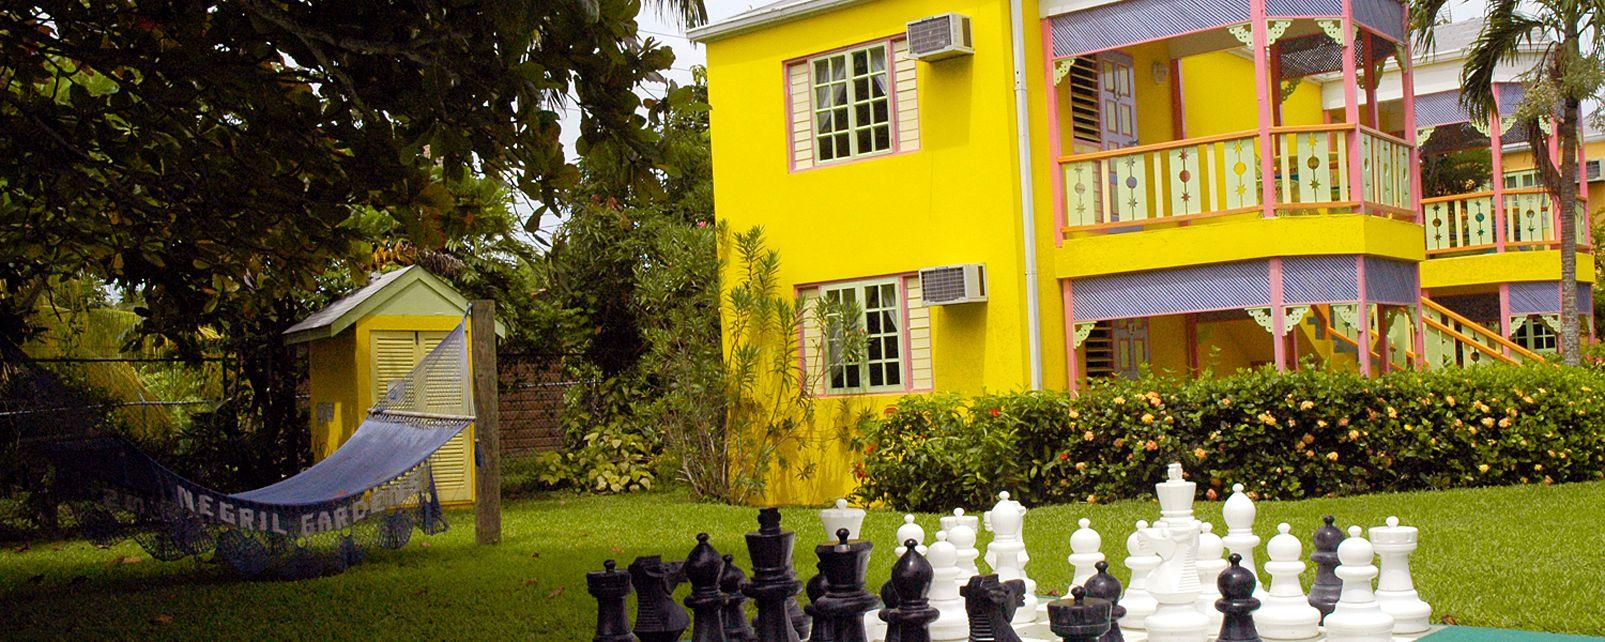 Hôtel Negril Gardens Beach Resort